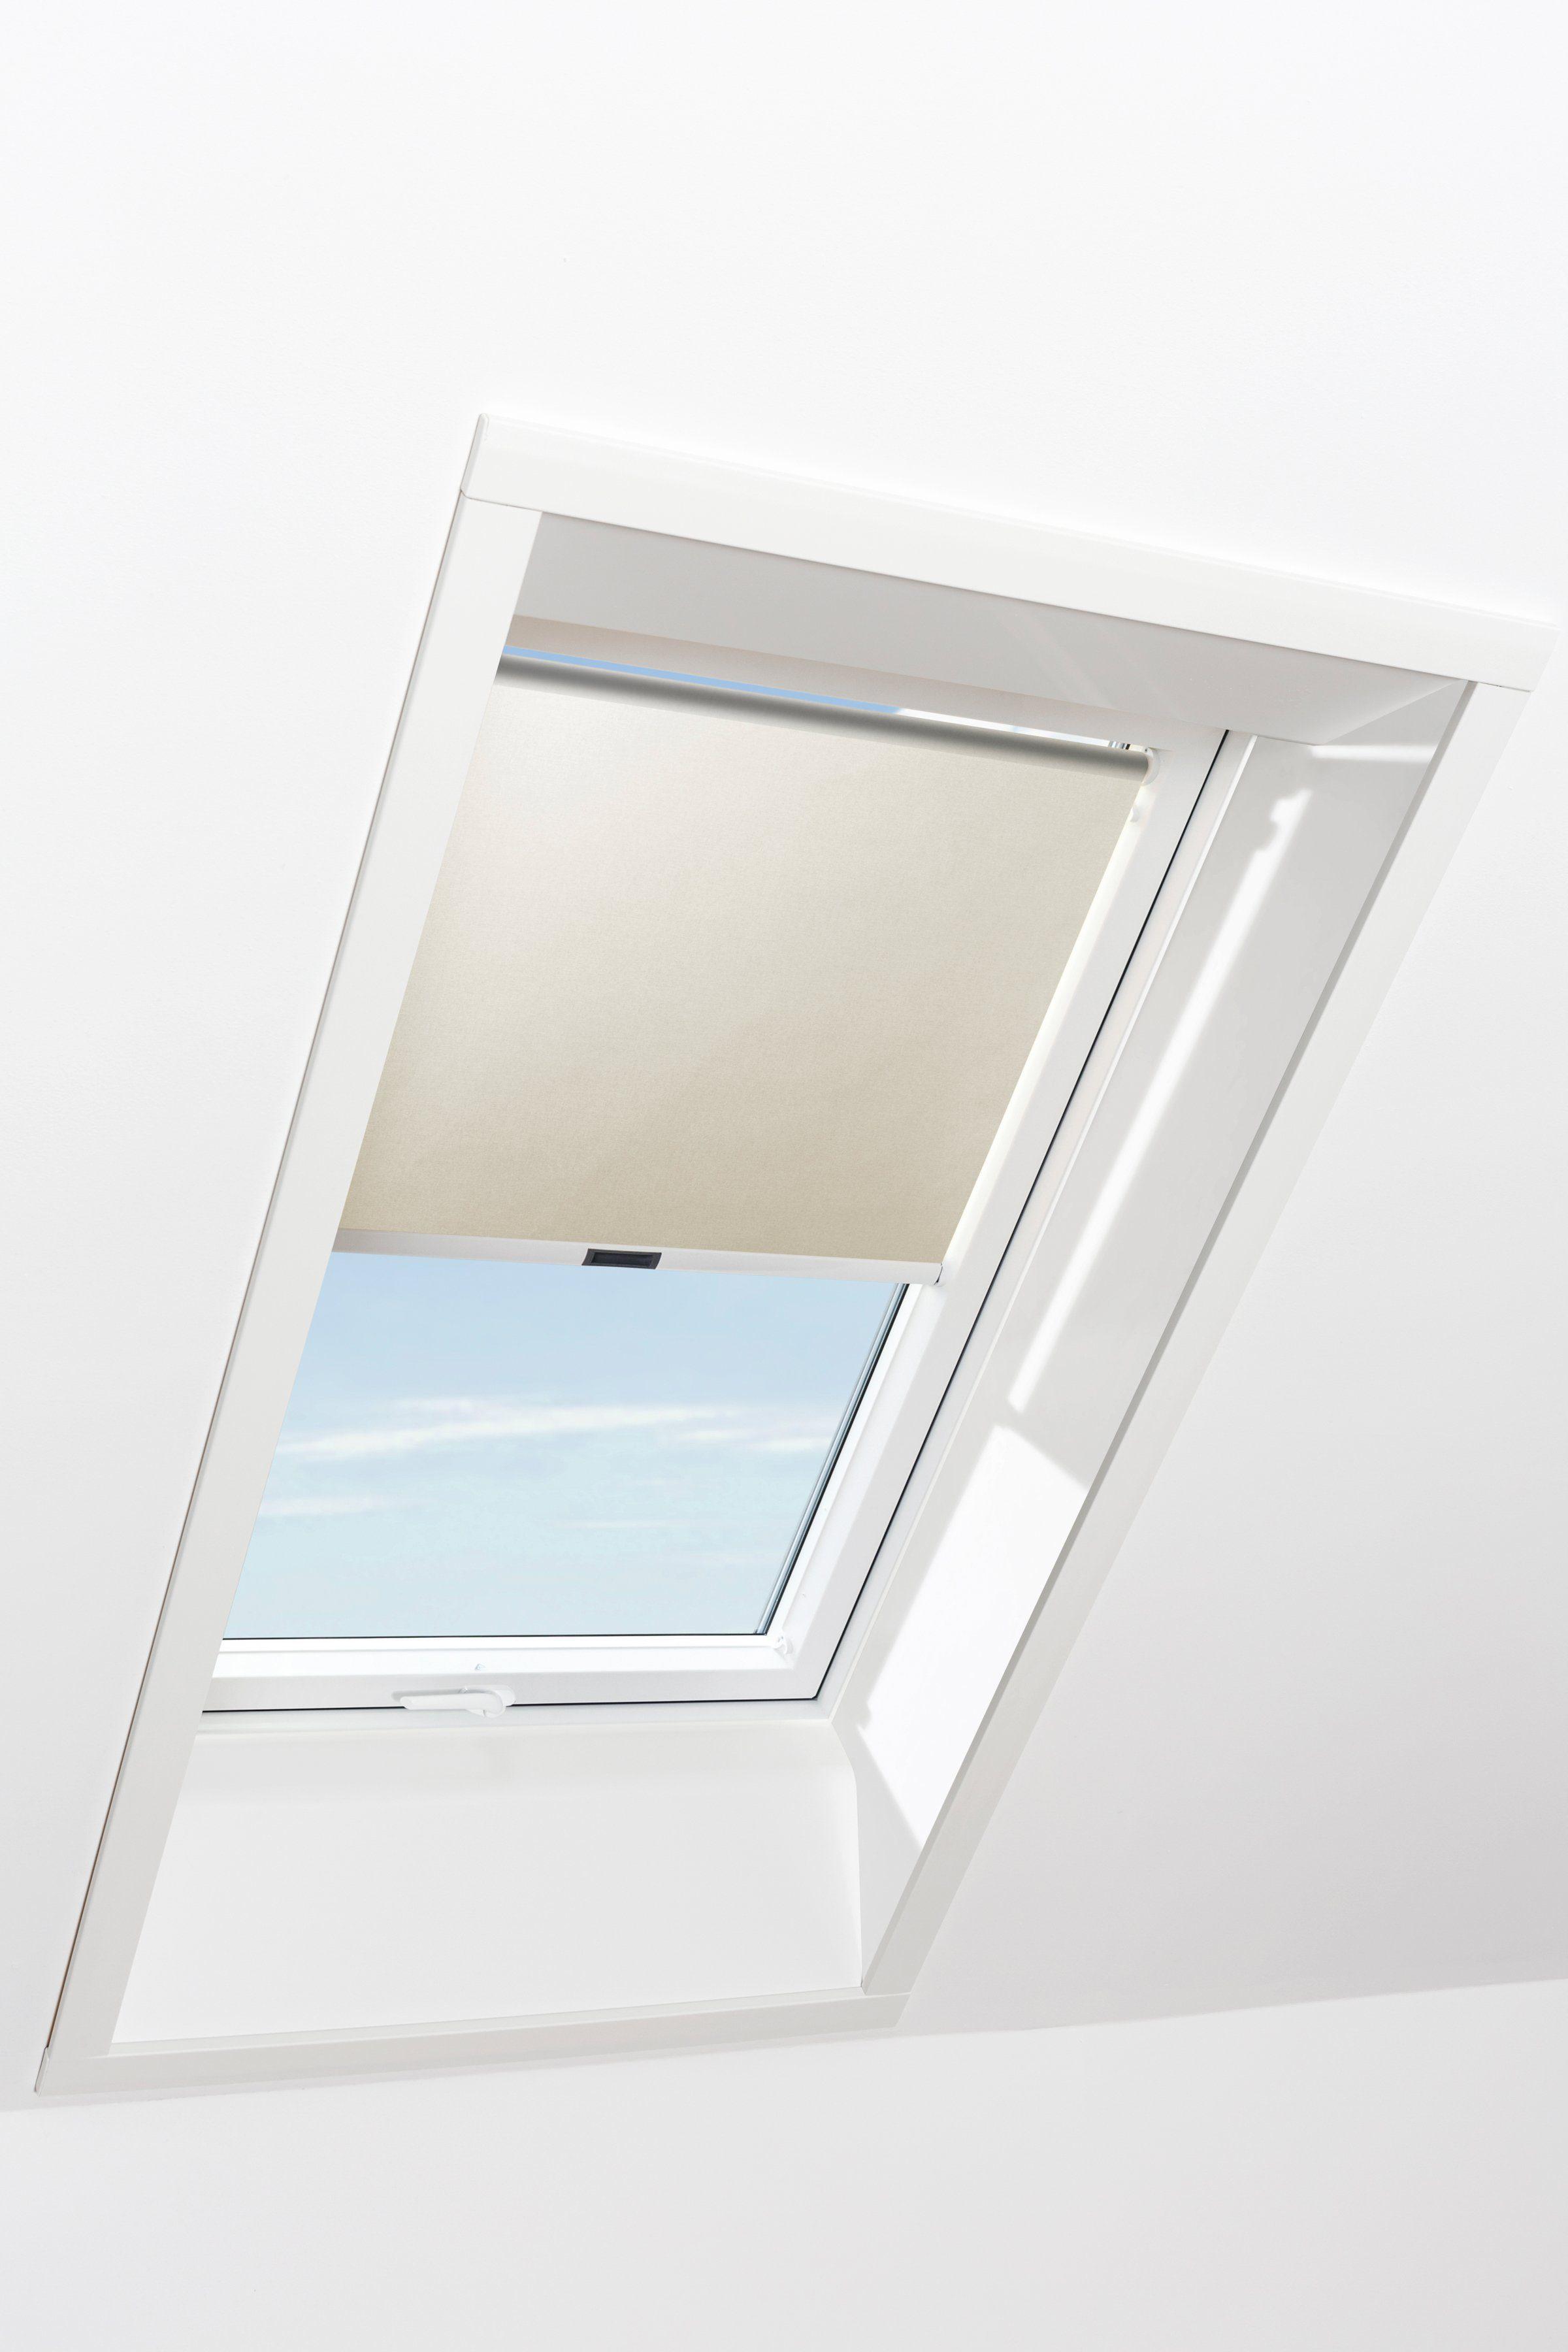 RORO Sichtschutzrollo »Typ SIRB714«, BxL: 74x140 cm, beige